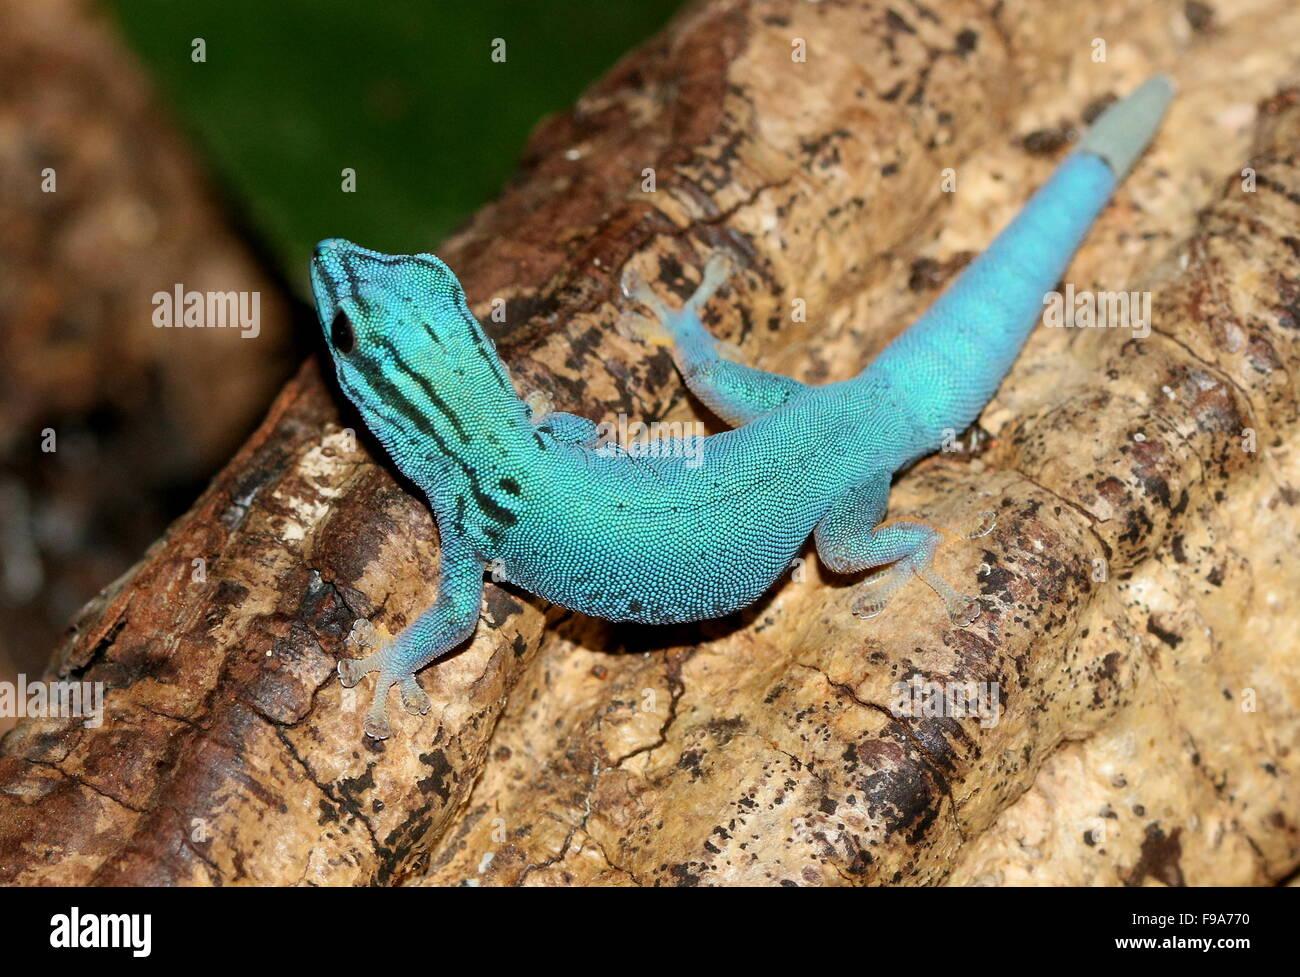 Tanzanian Turquoise Dwarf Gecko or William's dwarf gecko (Lygodactylus williamsi) Stock Photo